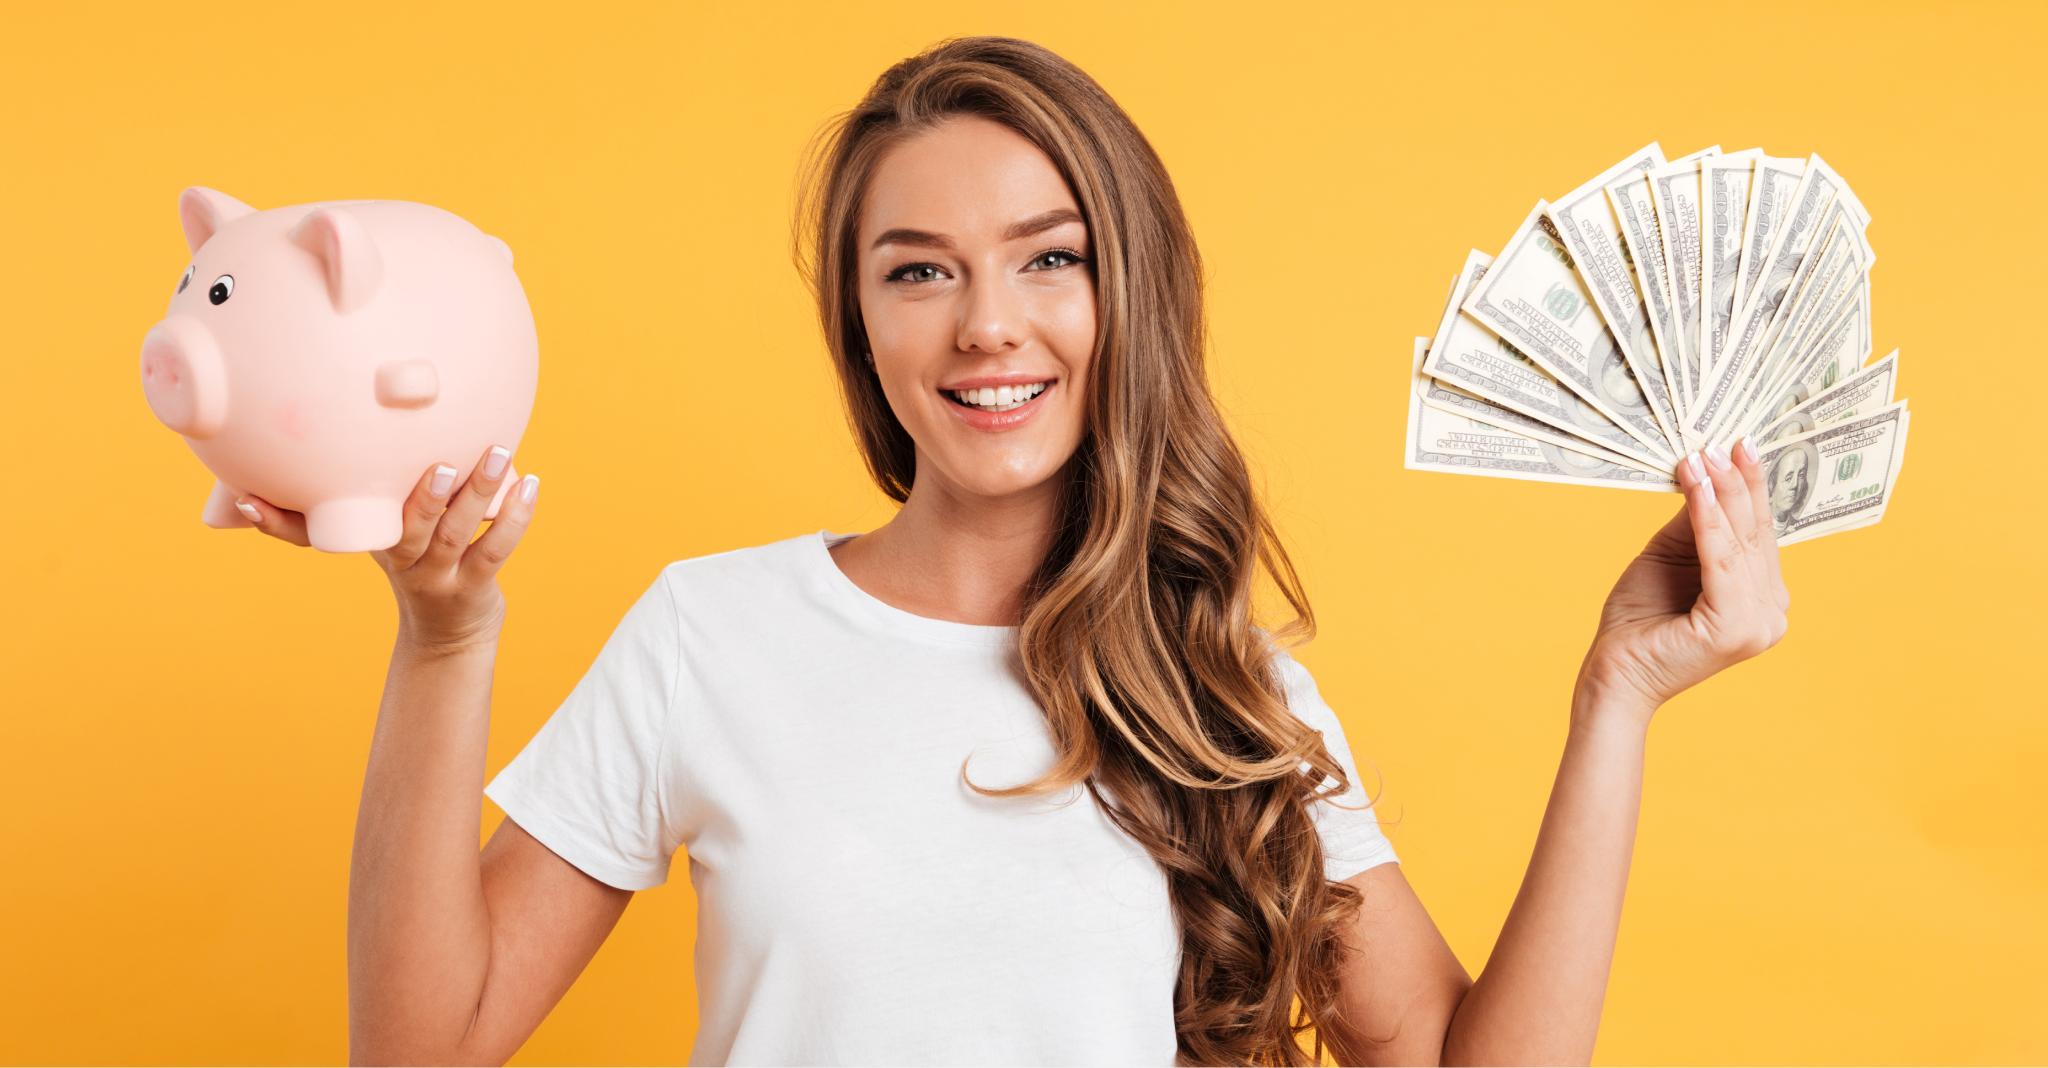 ¿Cómo impacta tu salud financiera en tu bienestar?